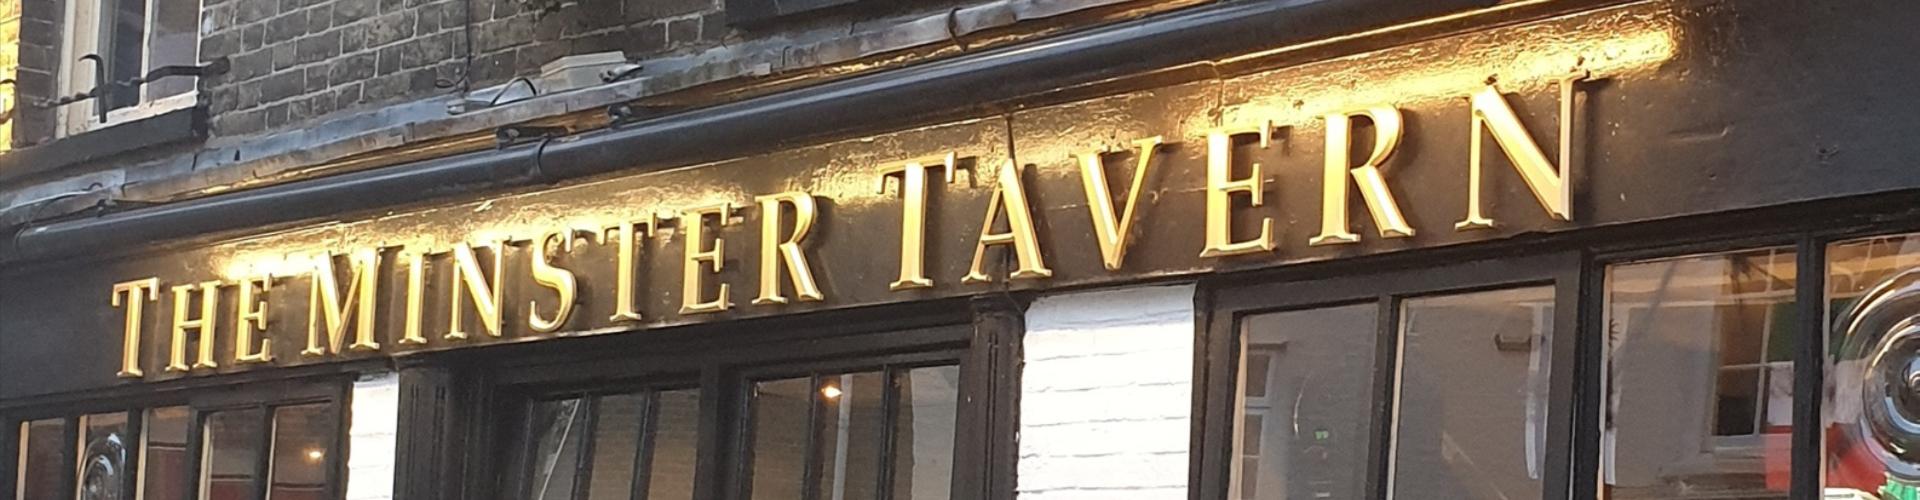 2018 - PP - Minster Tavern